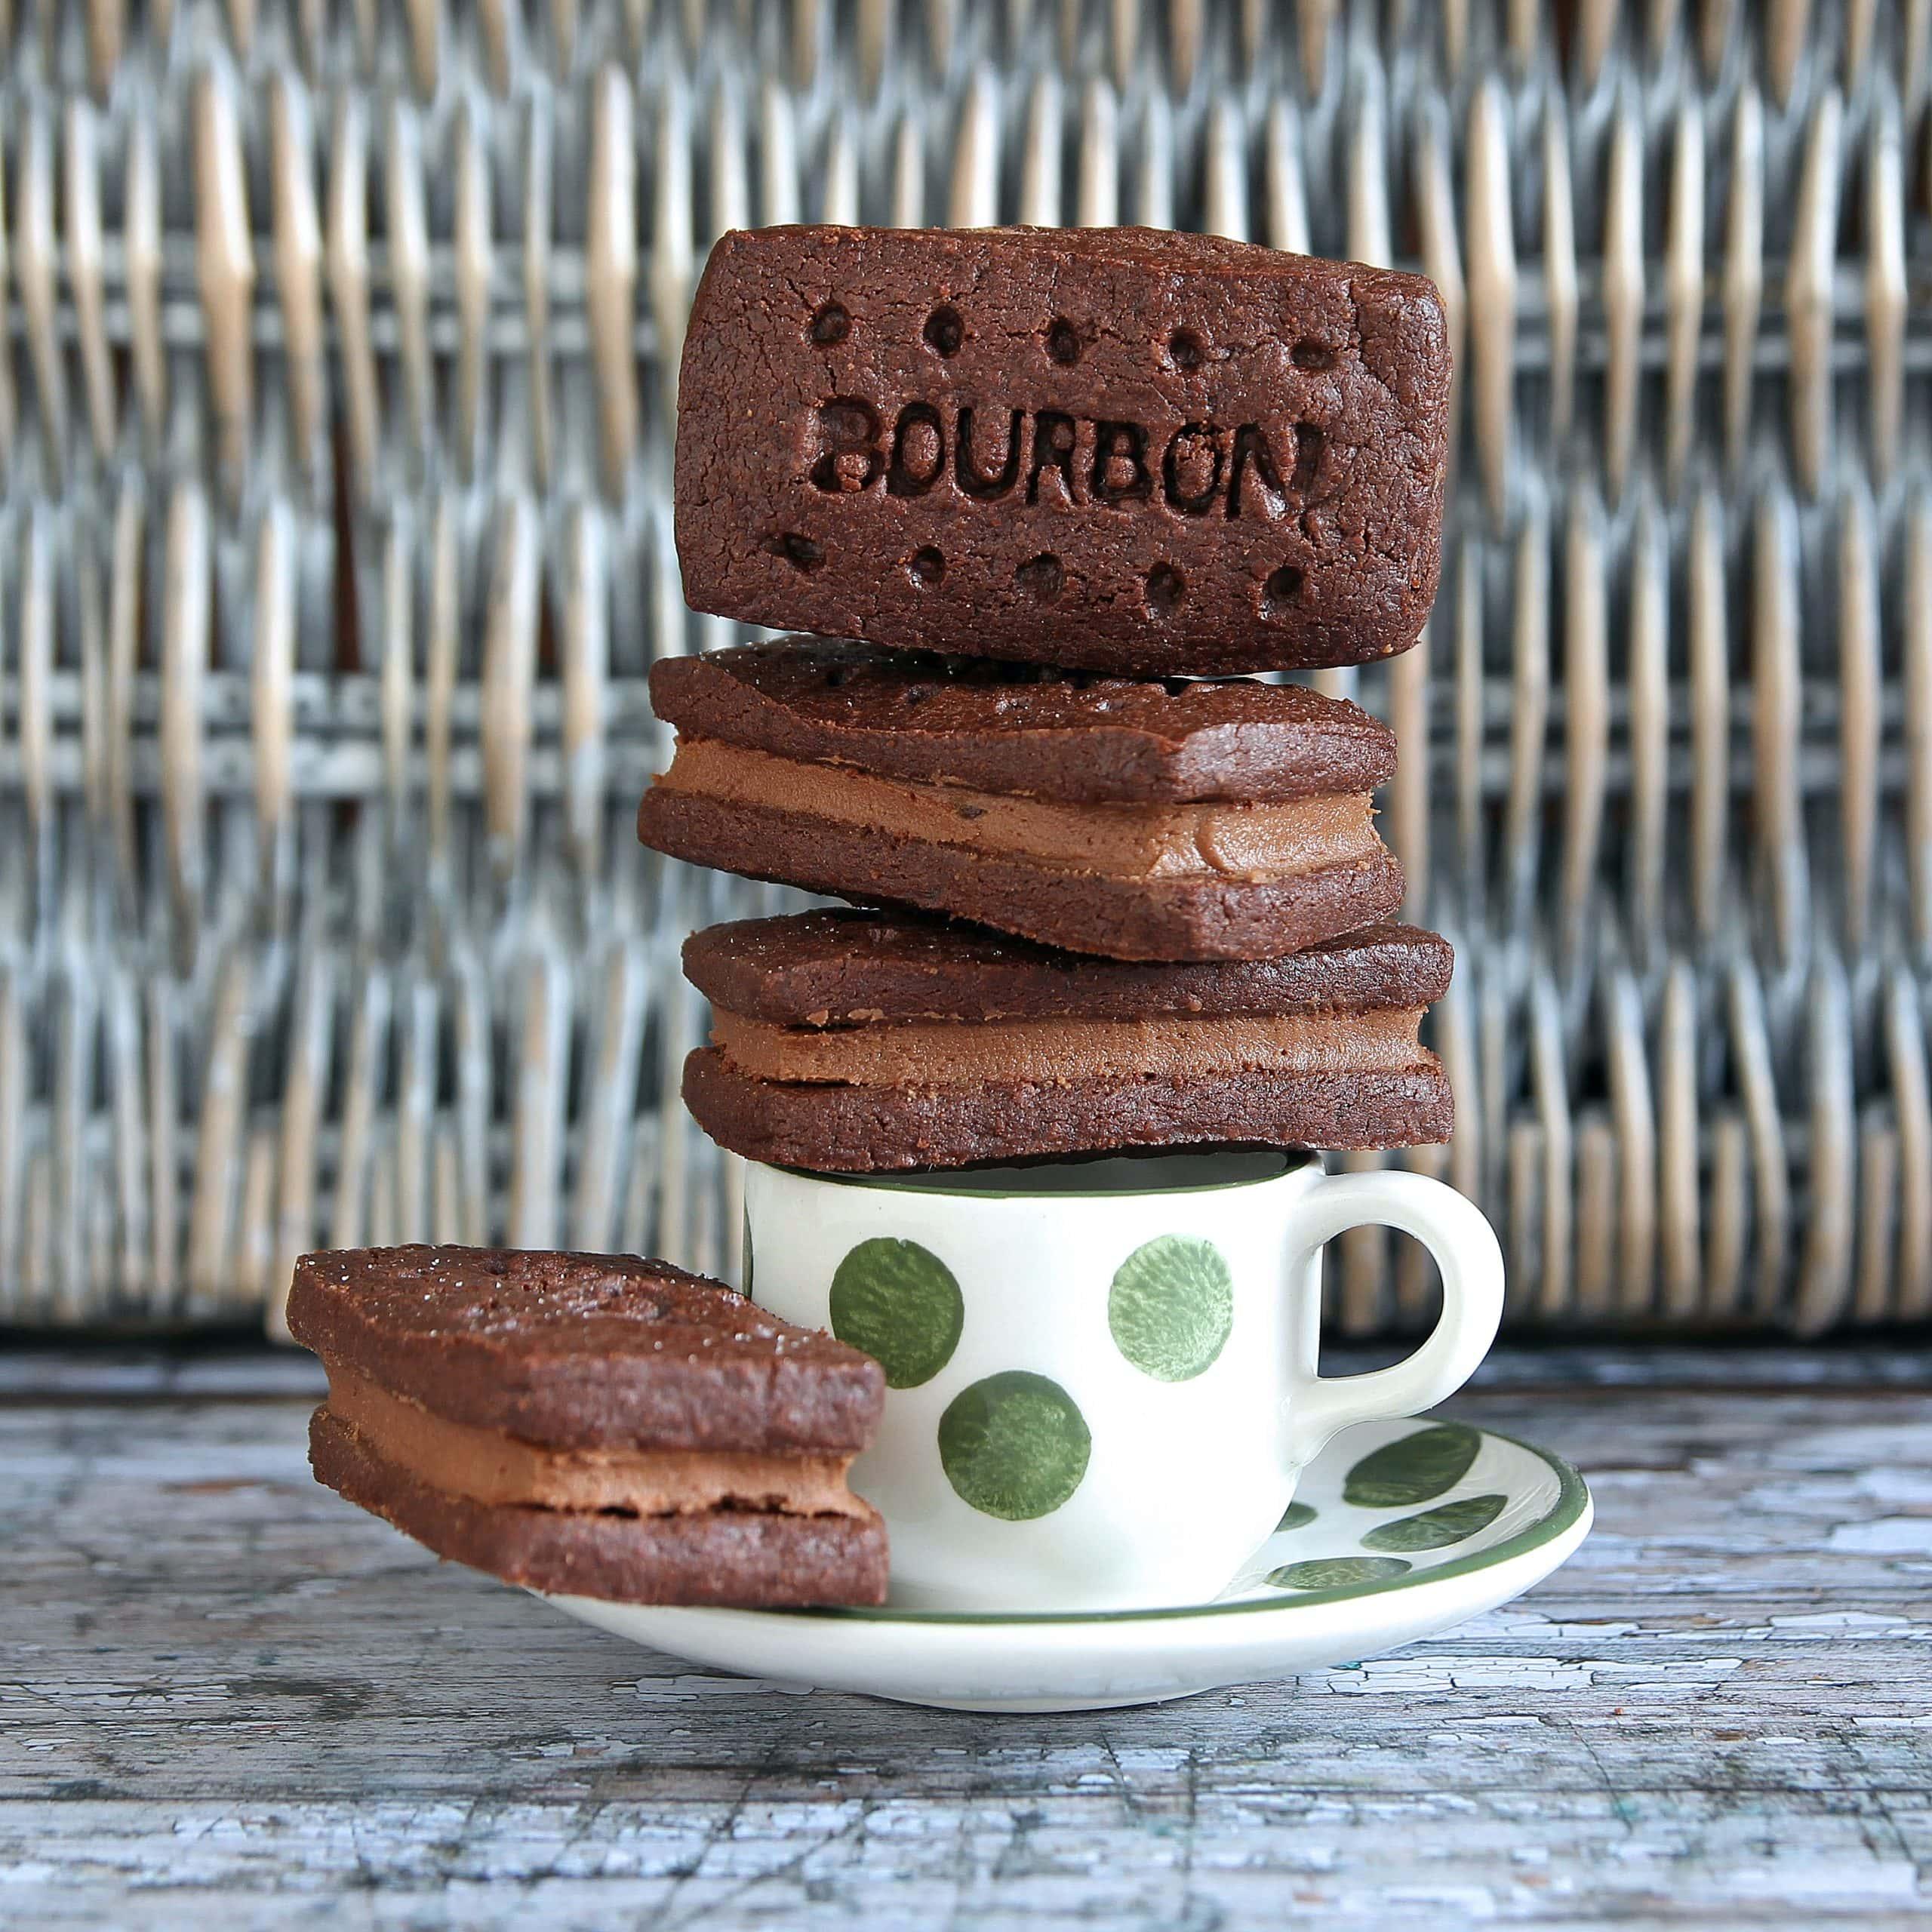 Bourbon Biscuit Recipe Gluten Free Gluten Free Alchemist